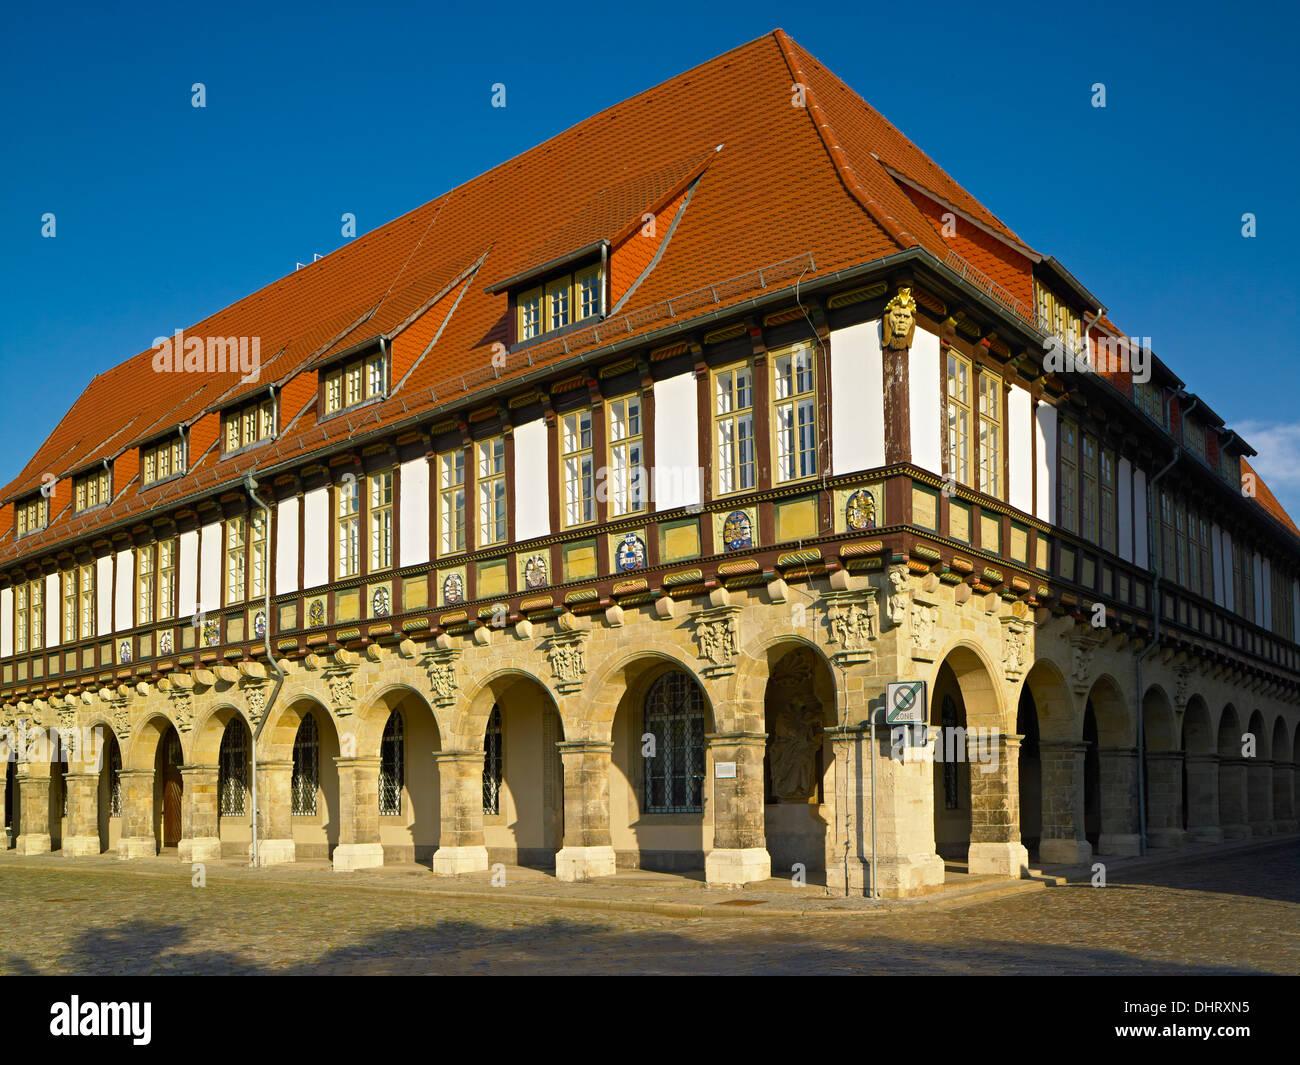 Priorat, Domplatz Quadrat, Halberstadt, Sachsen-Anhalt, Deutschland Stockbild